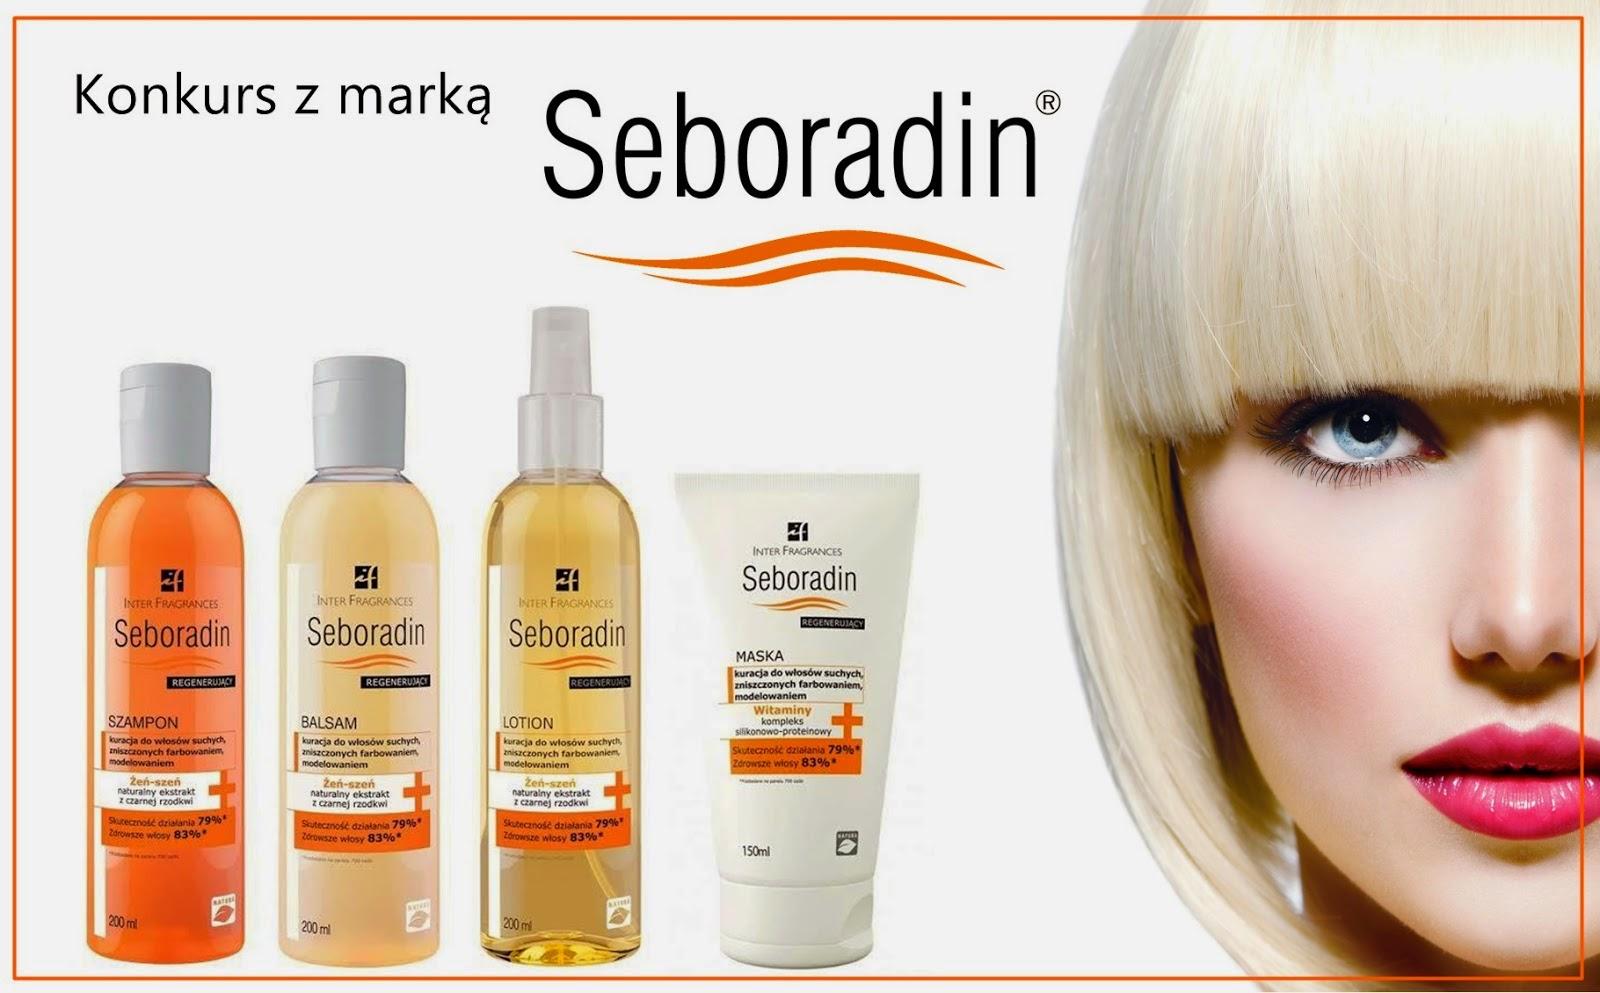 Konkurs u Ani z marką Seboradin do 15.09.